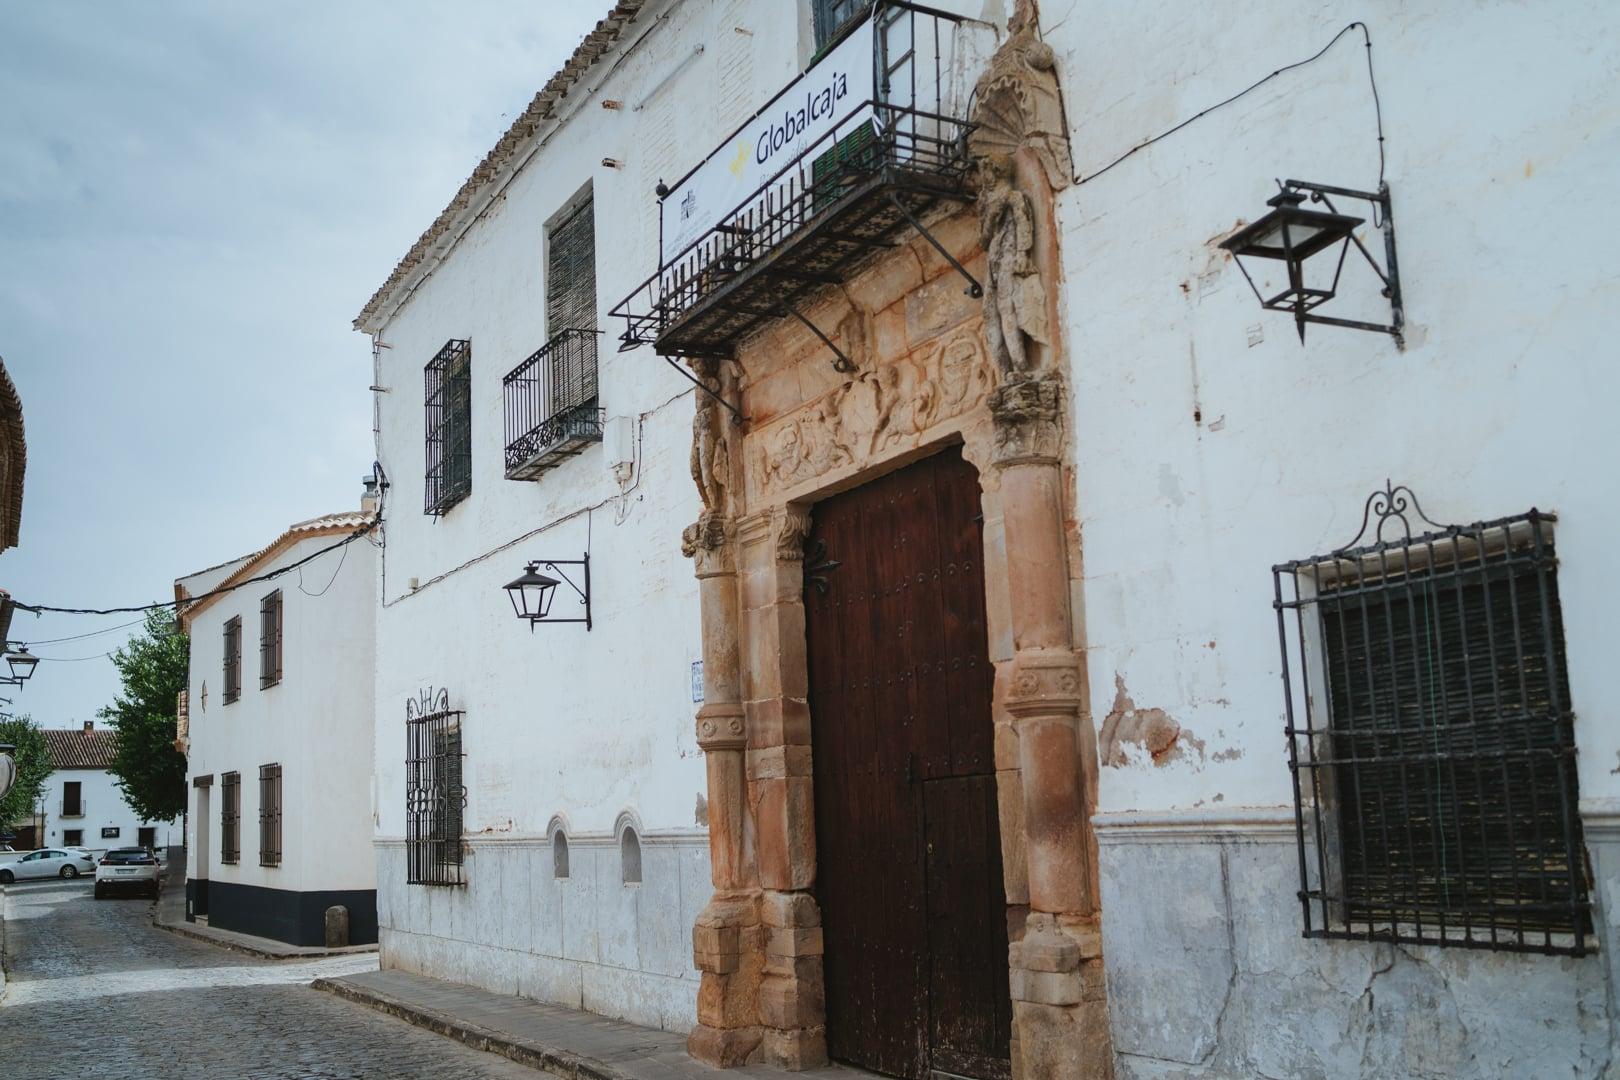 https://blog.globalcaja.es/wp-content/uploads/2020/07/Palacio-de-los-Oviedo-espacio-Globalcaja.jpeg